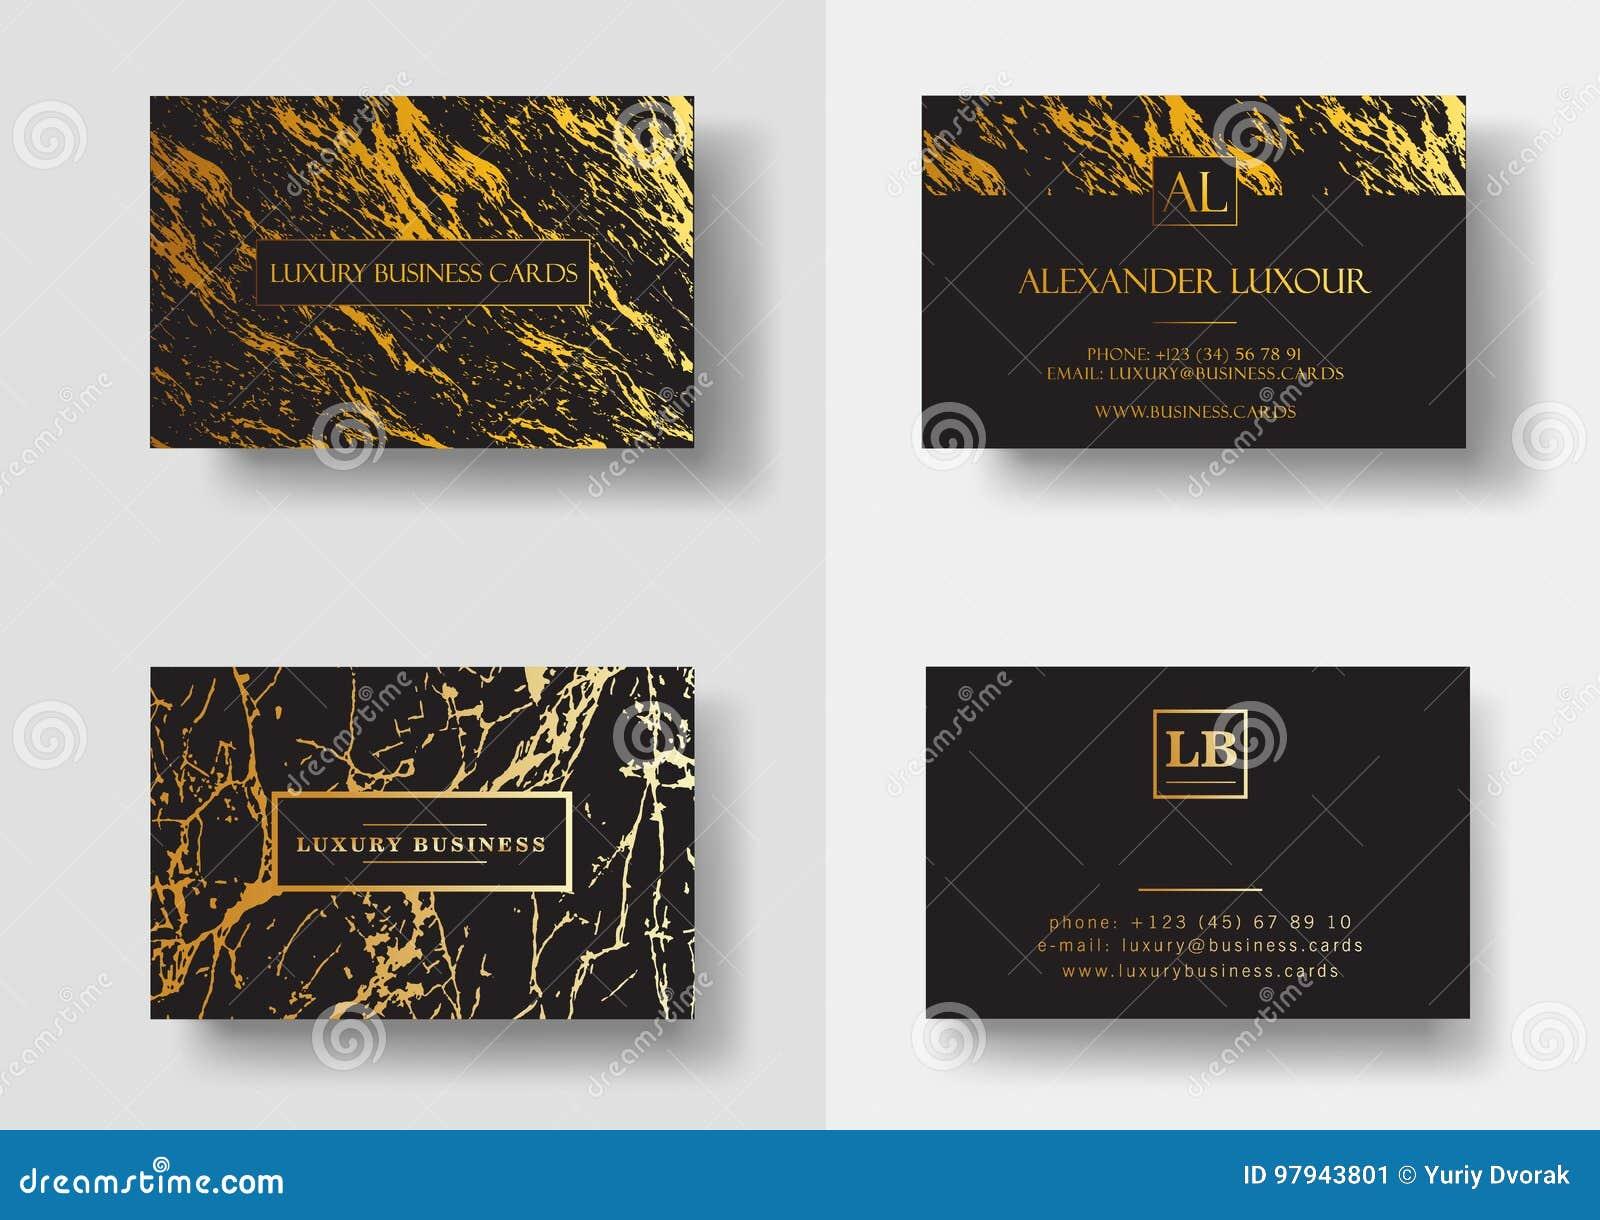 Les Cartes De Visite Professionnelle Luxe Noires Lgantes Avec La Texture Et Le